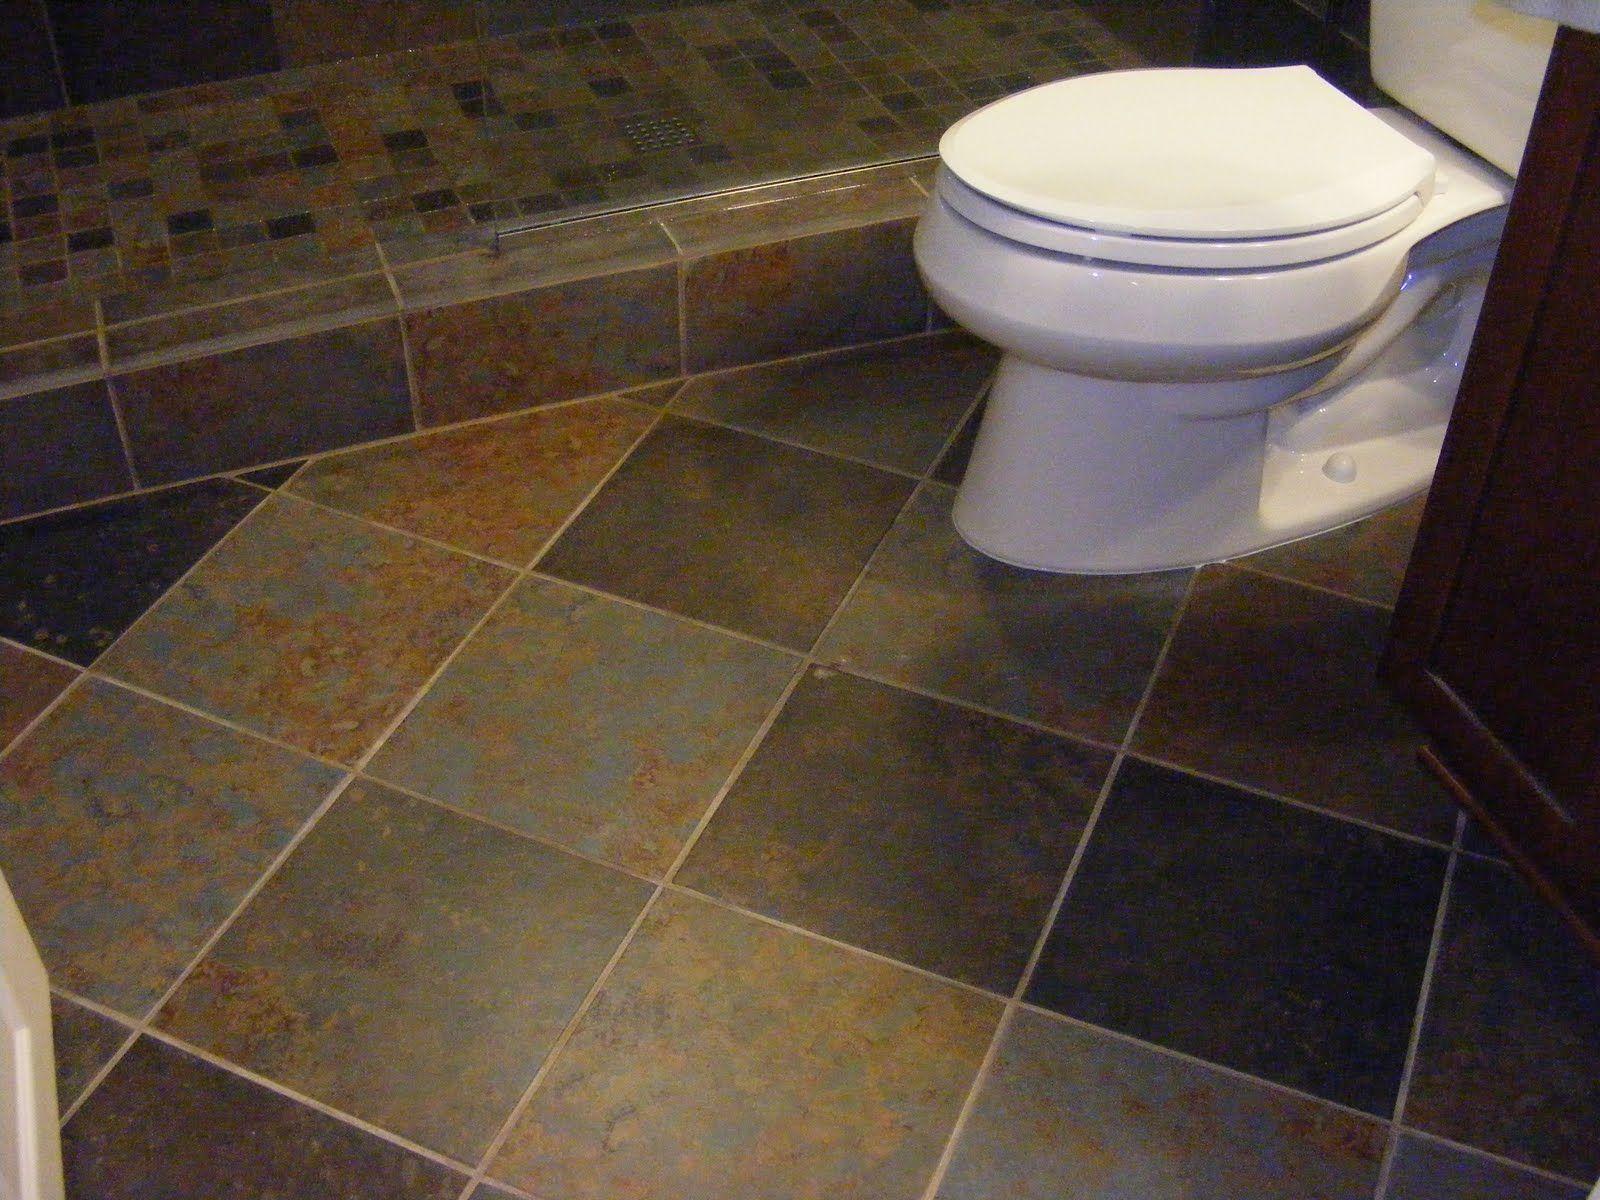 Kitchen Remodel in Livonia Basement flooring, Tile floor